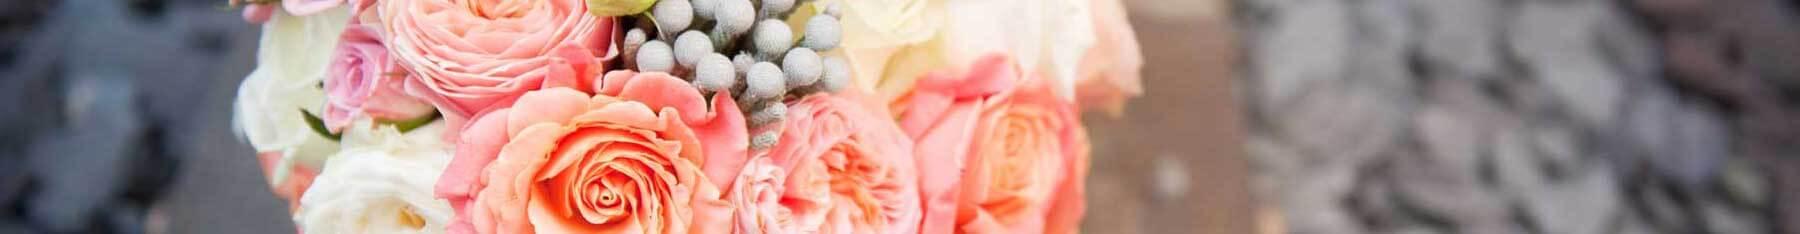 Sophies Flowers